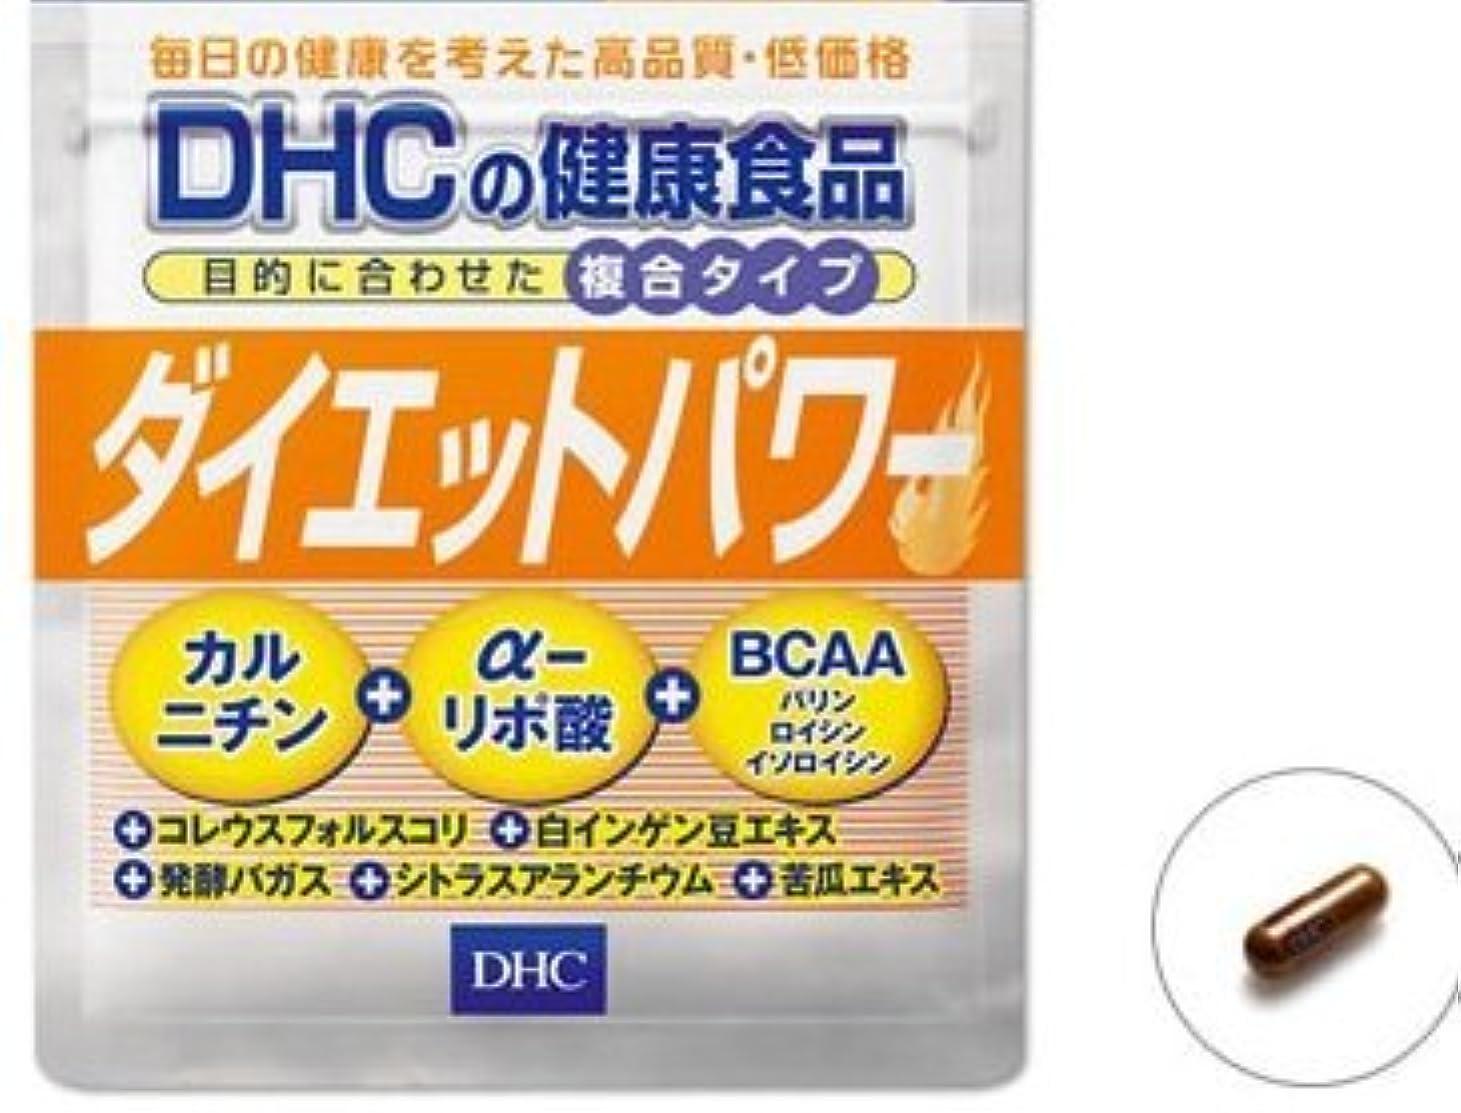 ガジュマル絶対のすずめDHC ダイエットパワー 20日分 × 5セット